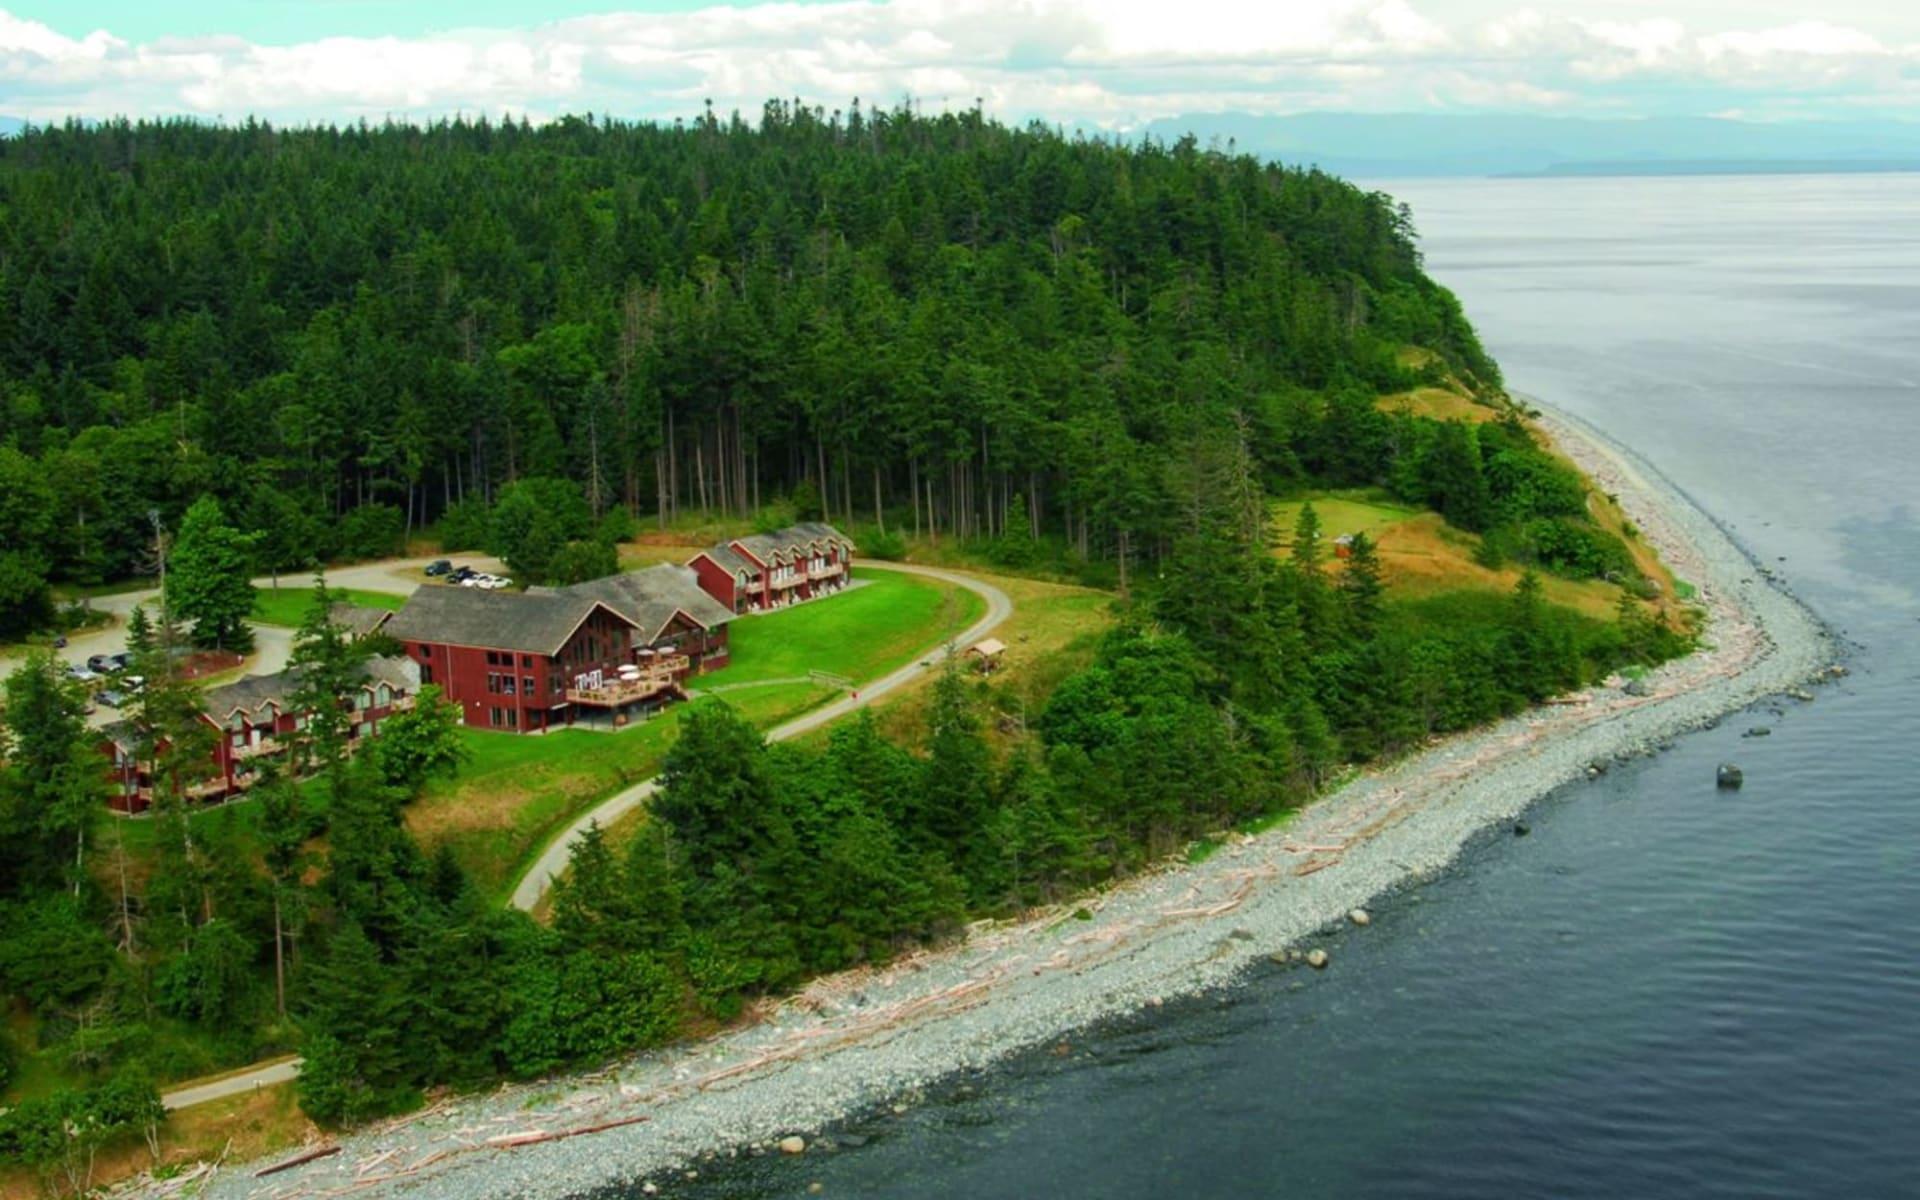 Tsa Kwa Luten Lodge in Quadra Island:  2011_142_02_tsa kwa luten